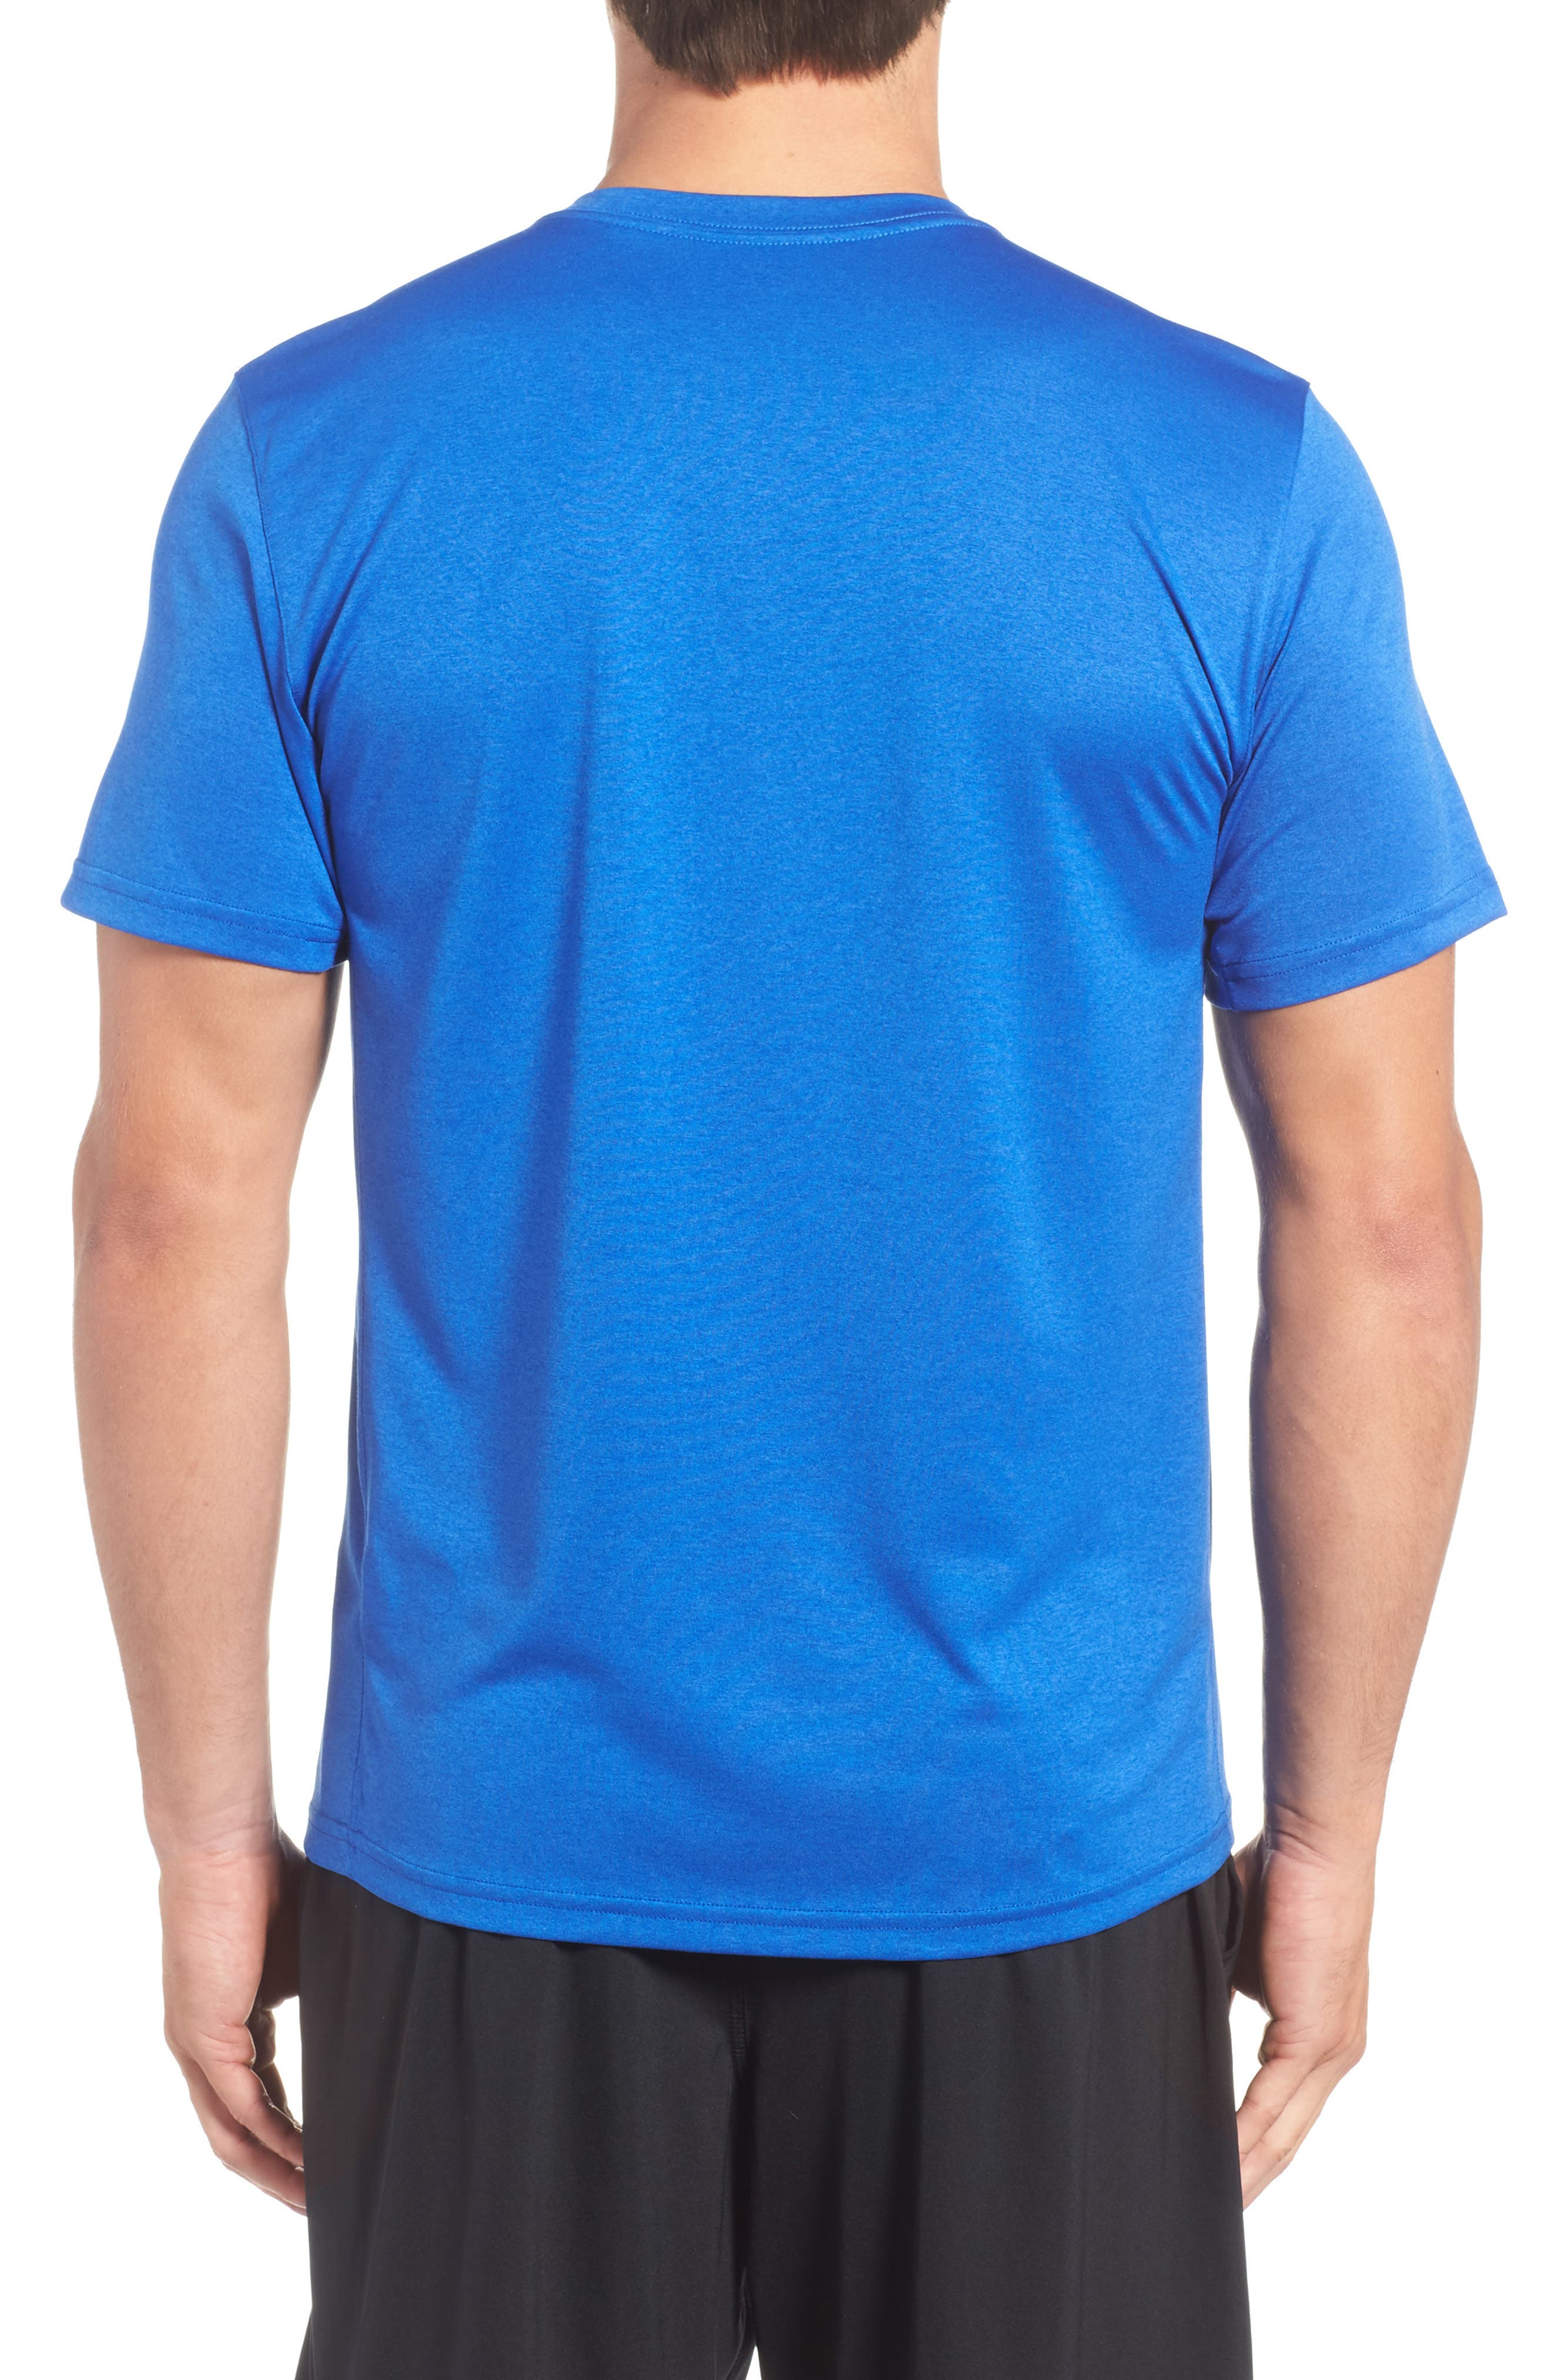 'Legend 2.0' Dri-FIT Training T-Shirt,                             Alternate thumbnail 2, color,                             GAME ROYAL/ BLACK/ BLACK